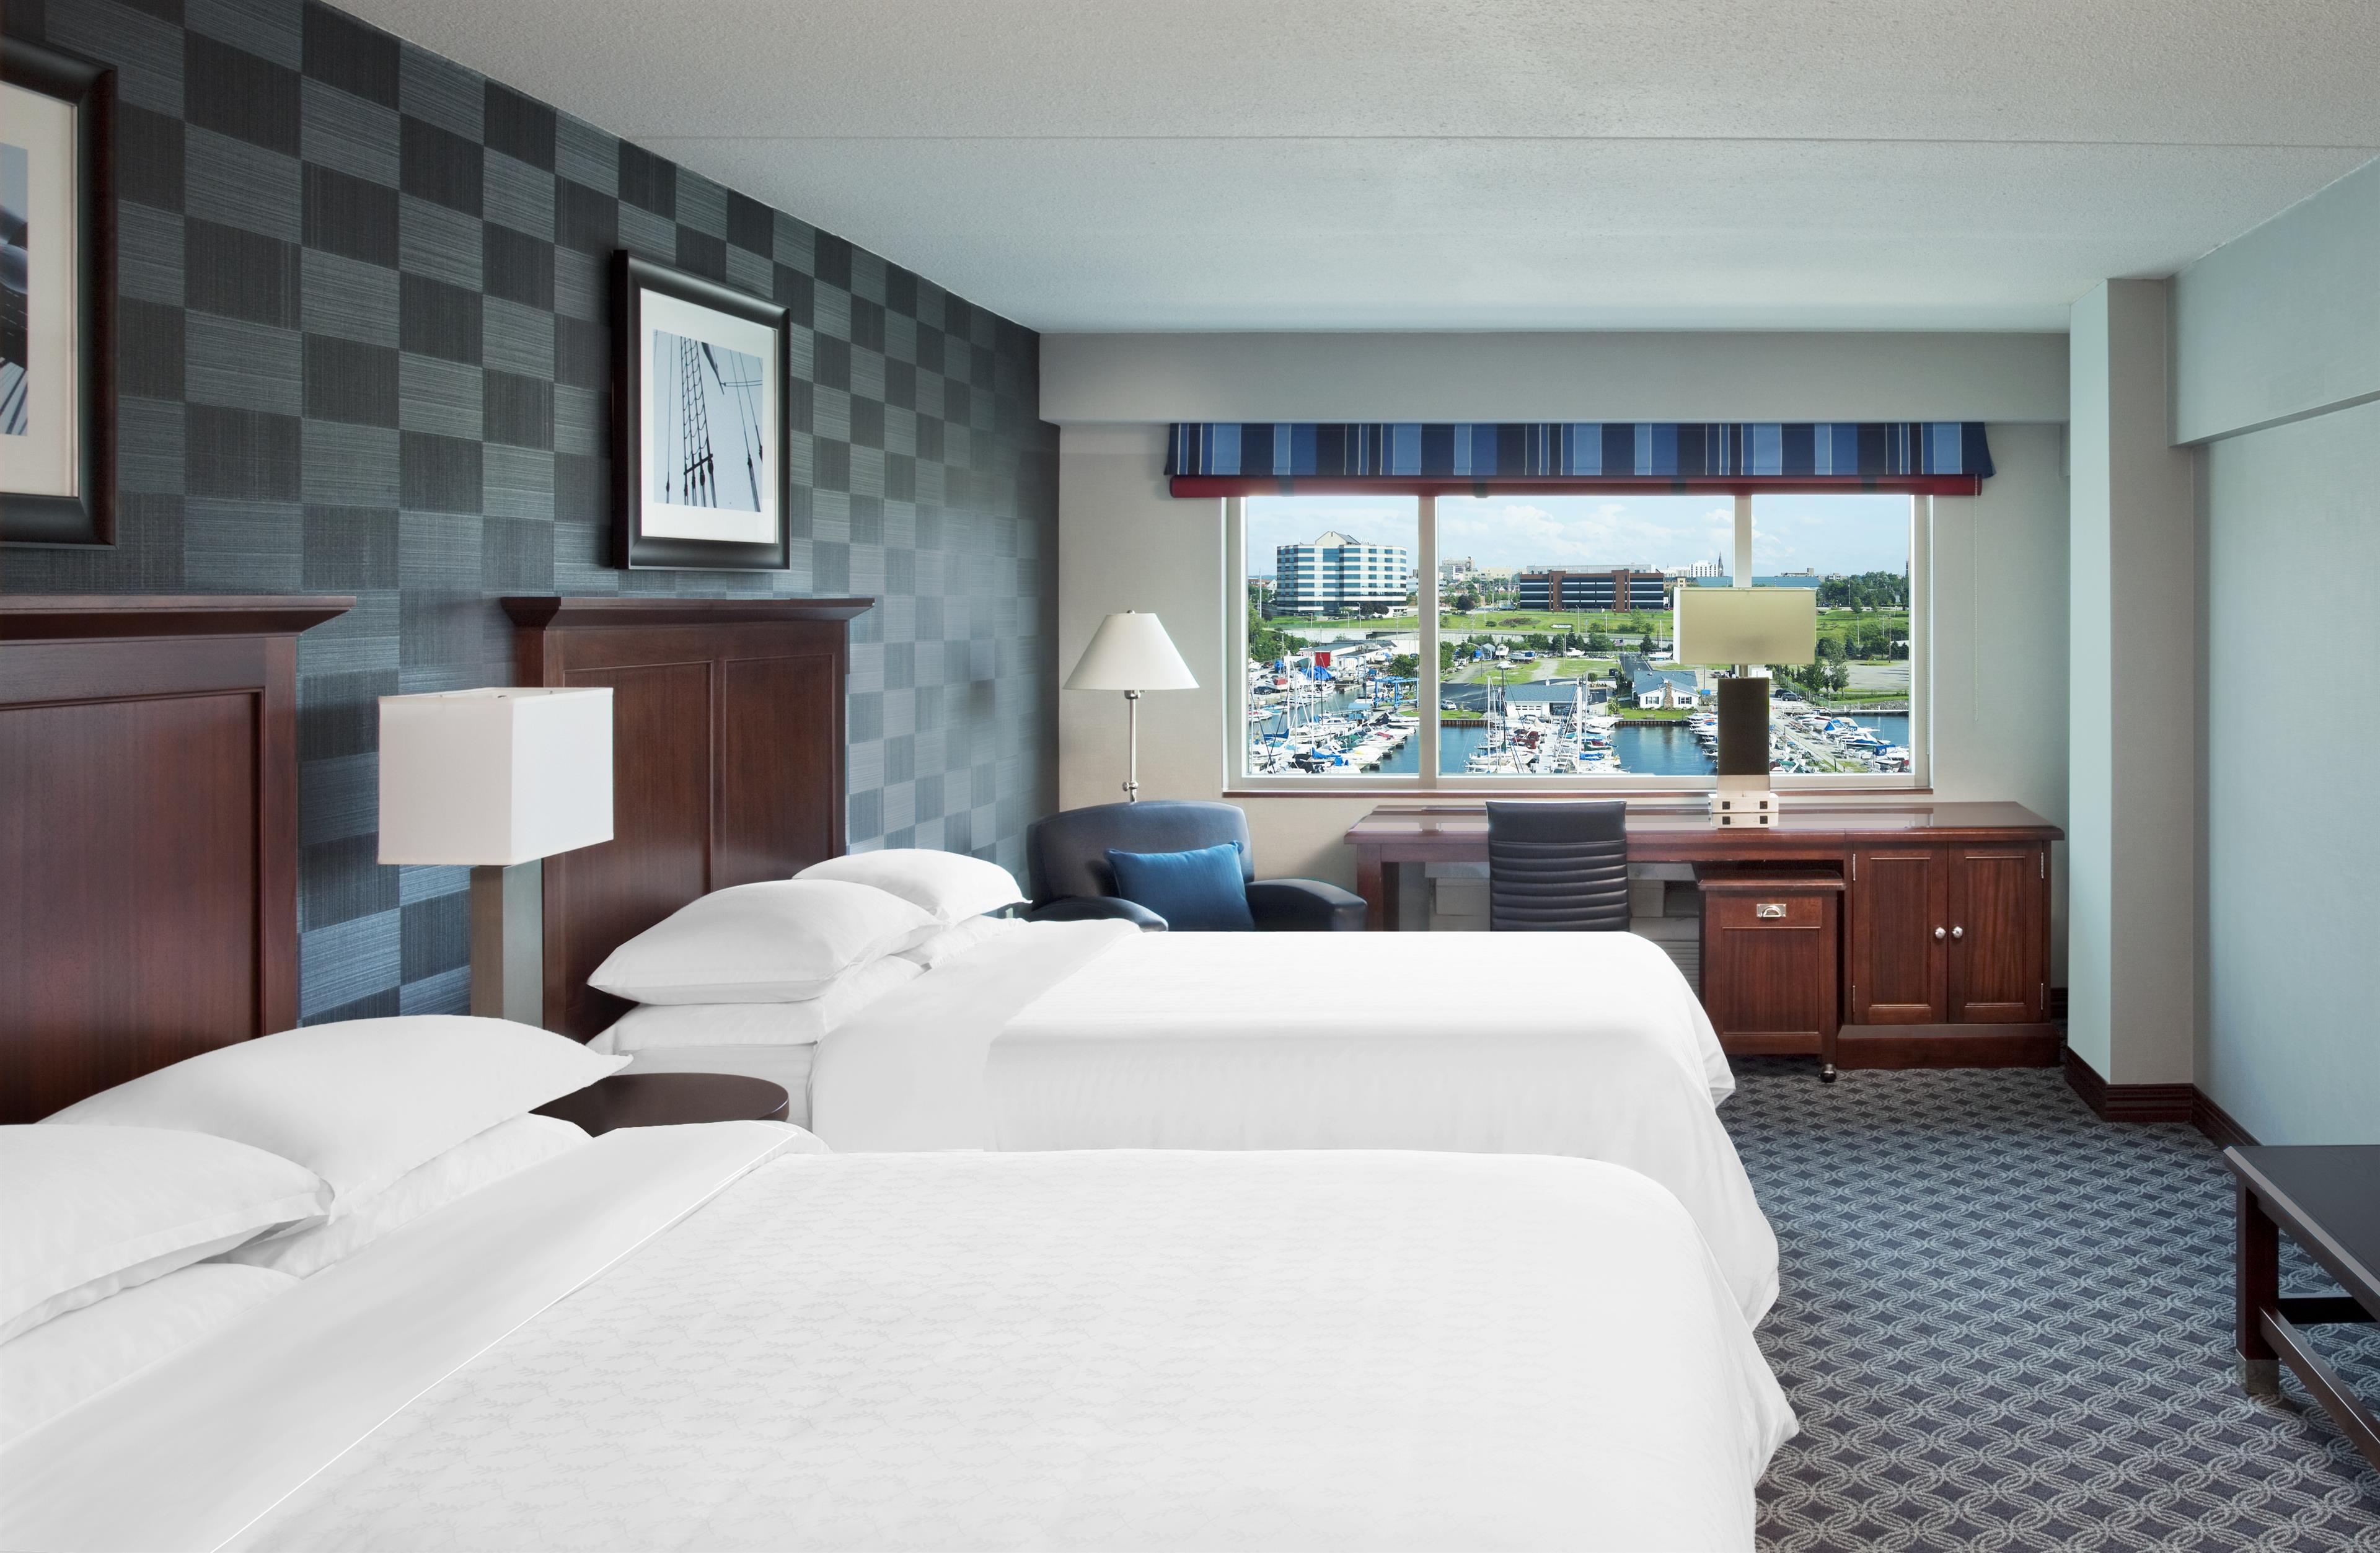 Sheraton Erie Bayfront Hotel image 5